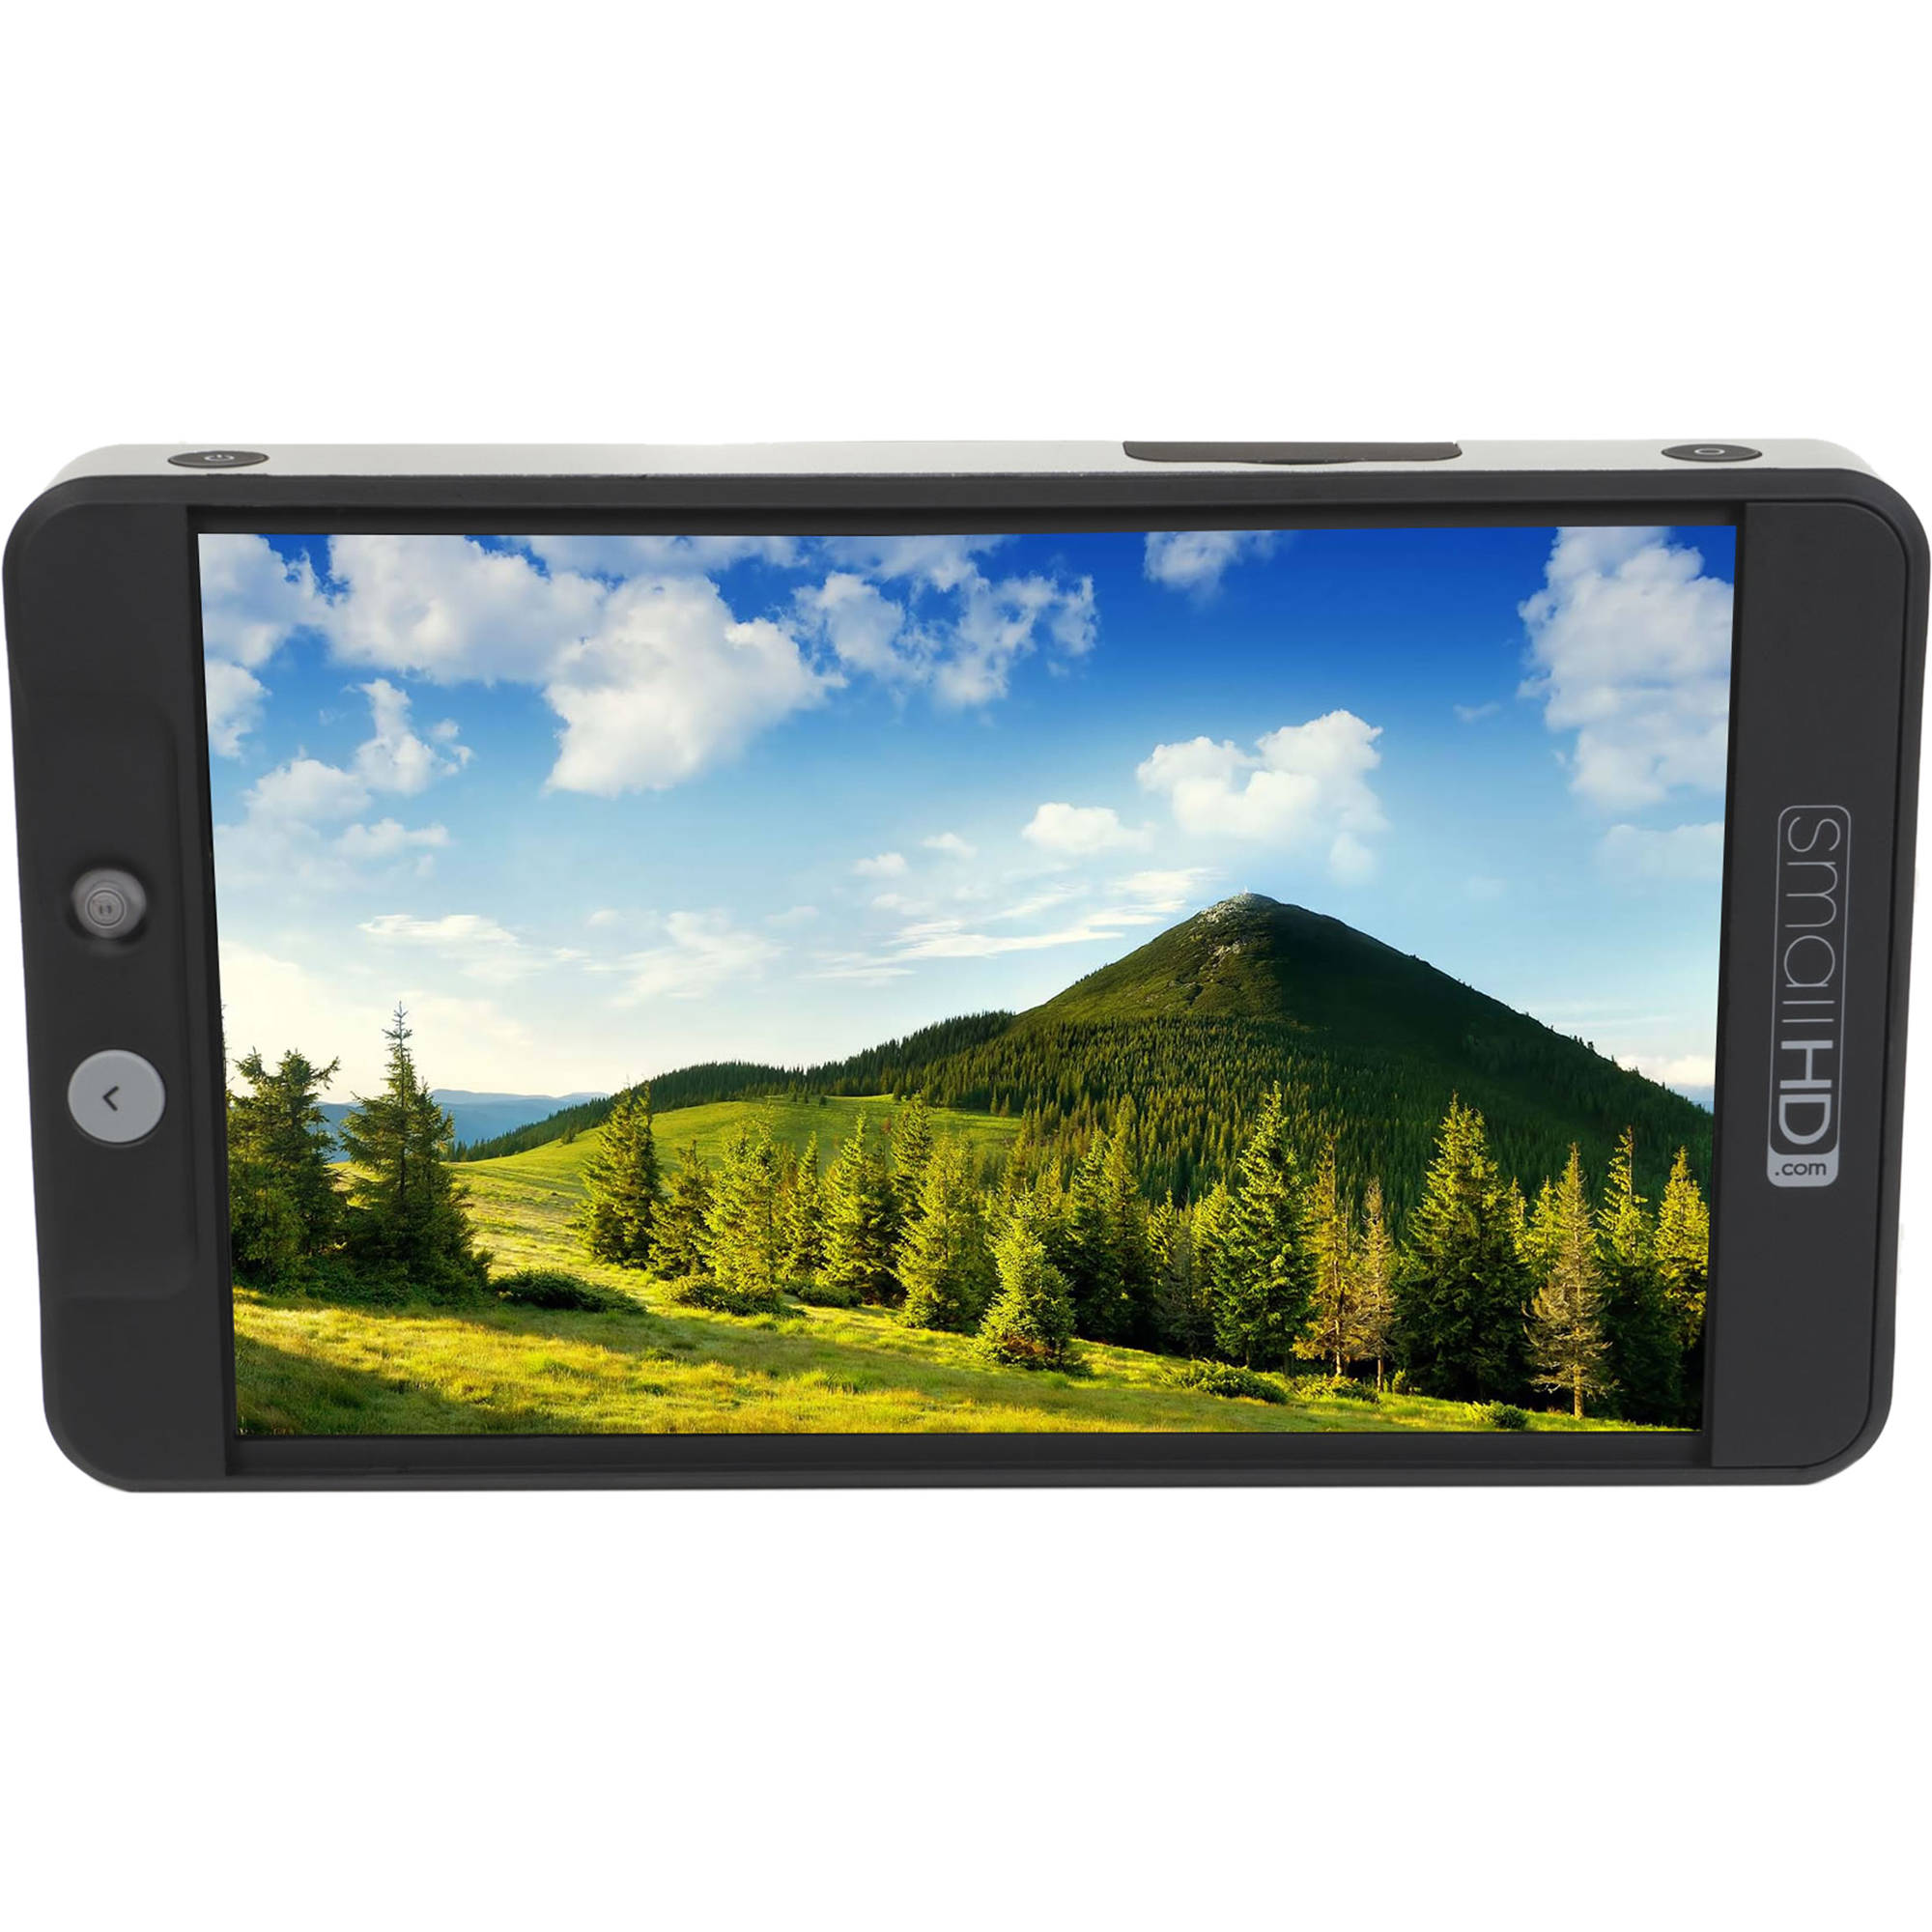 smallhd 702 bright on-camera monitor mon-702 b&h photo video